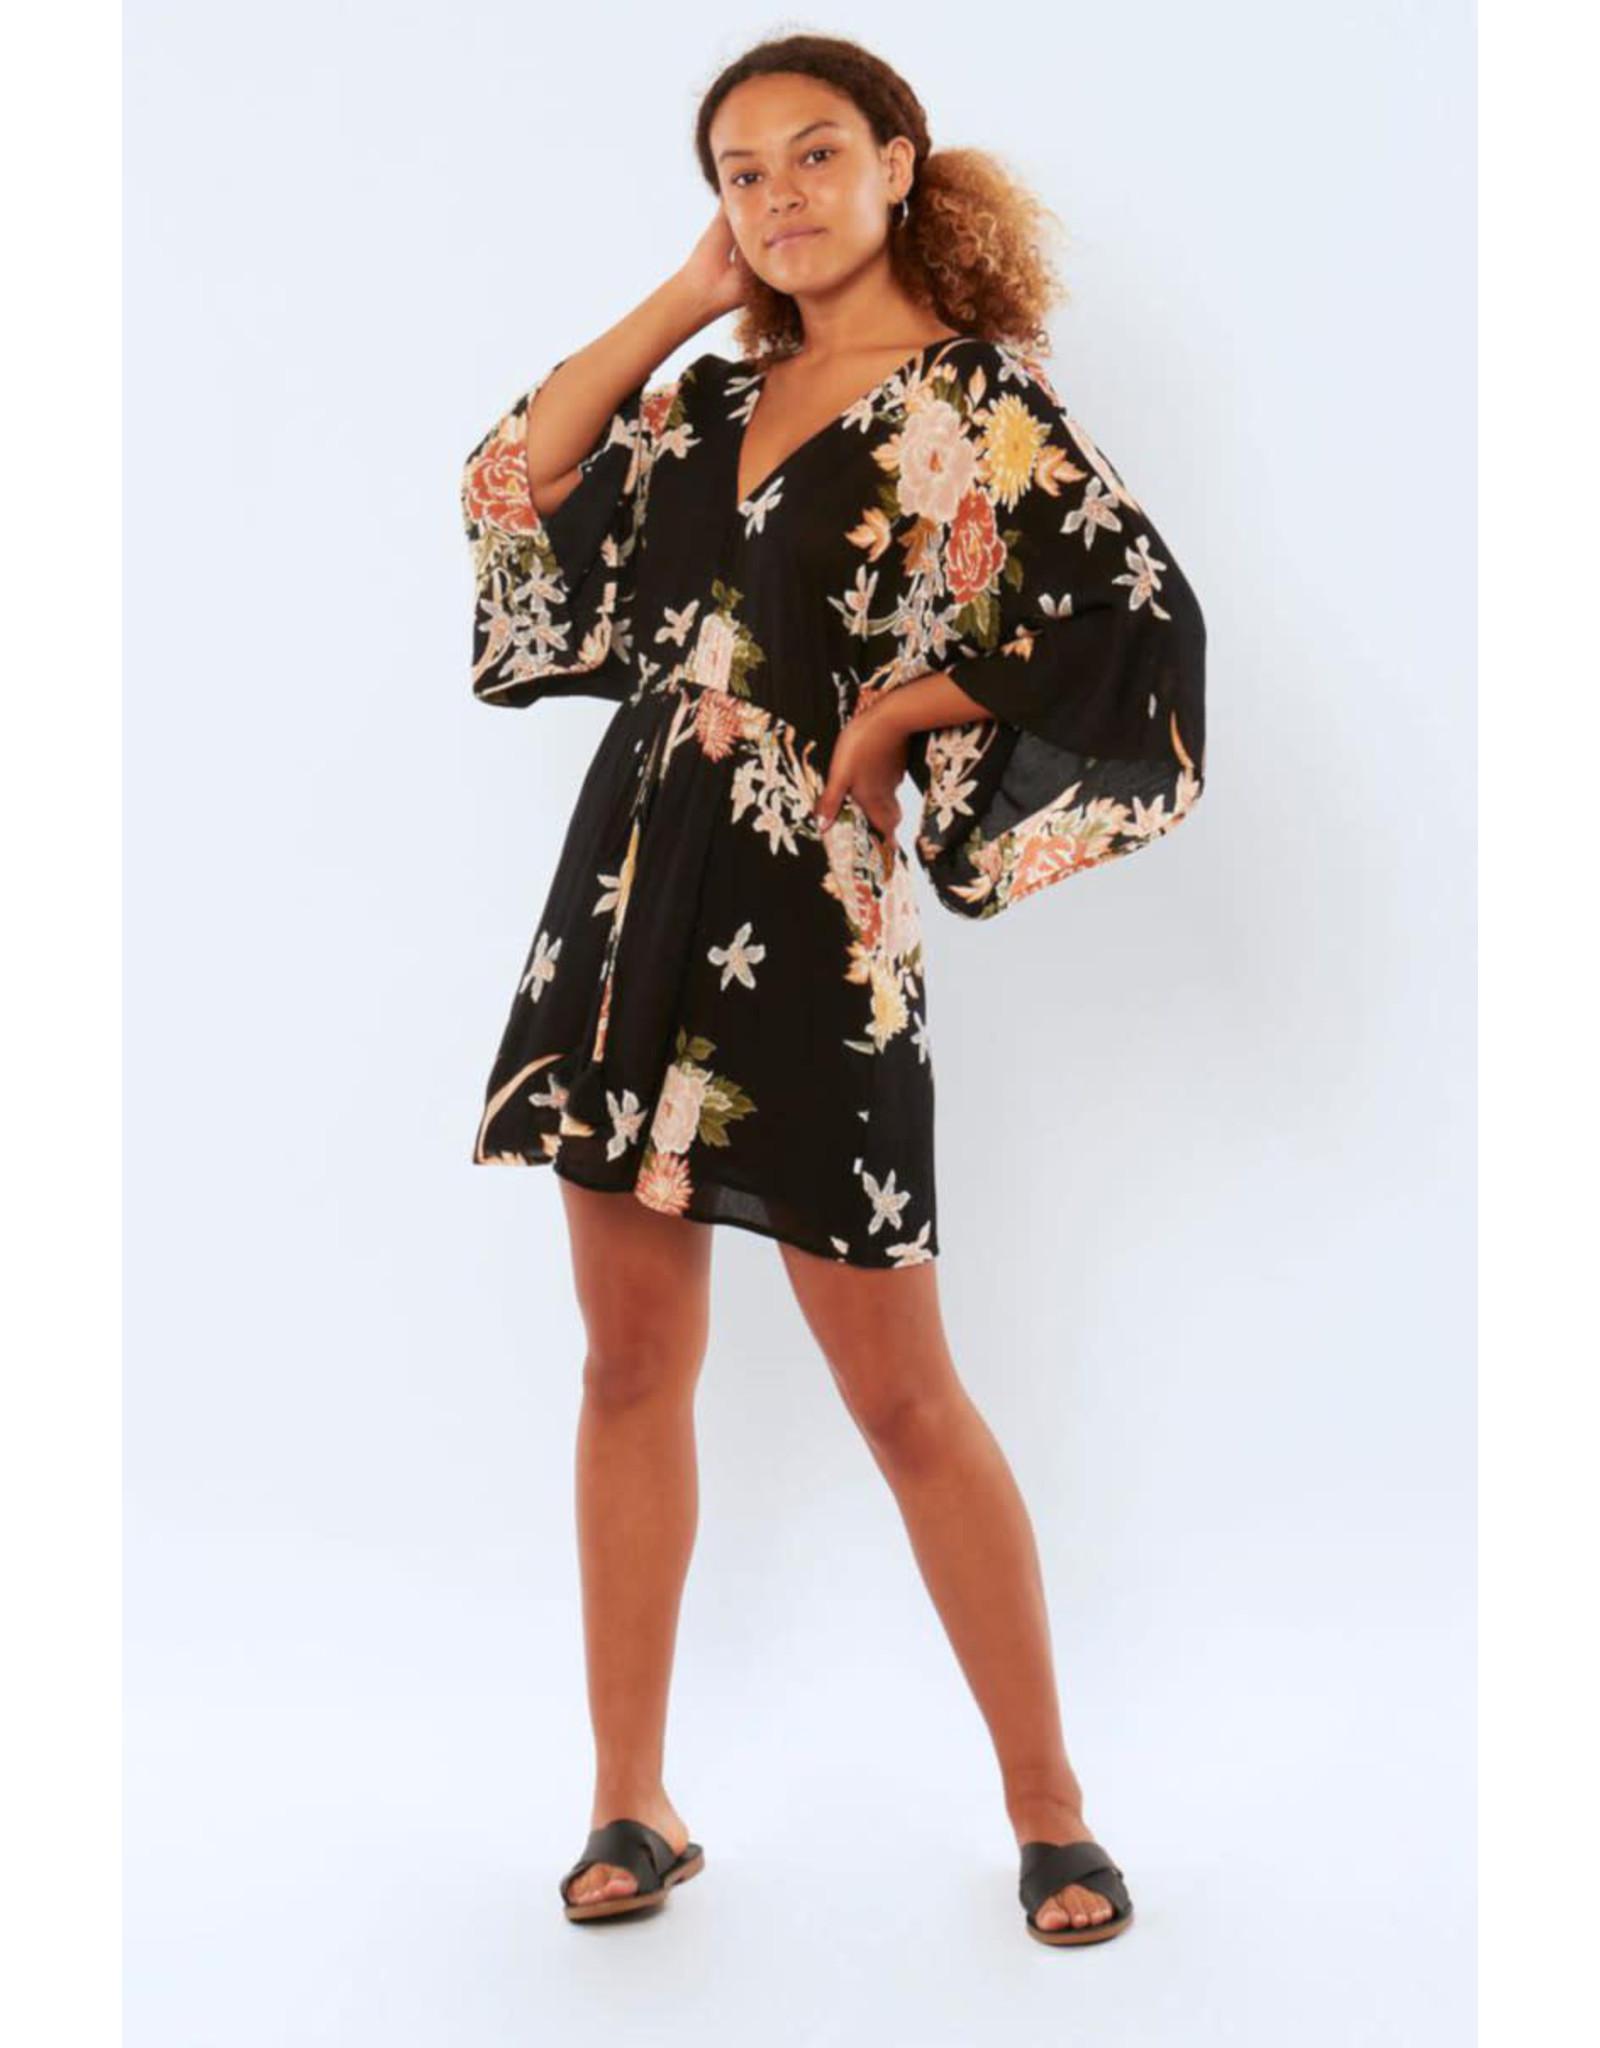 SISSTR Sisstr Milo Woven Dress